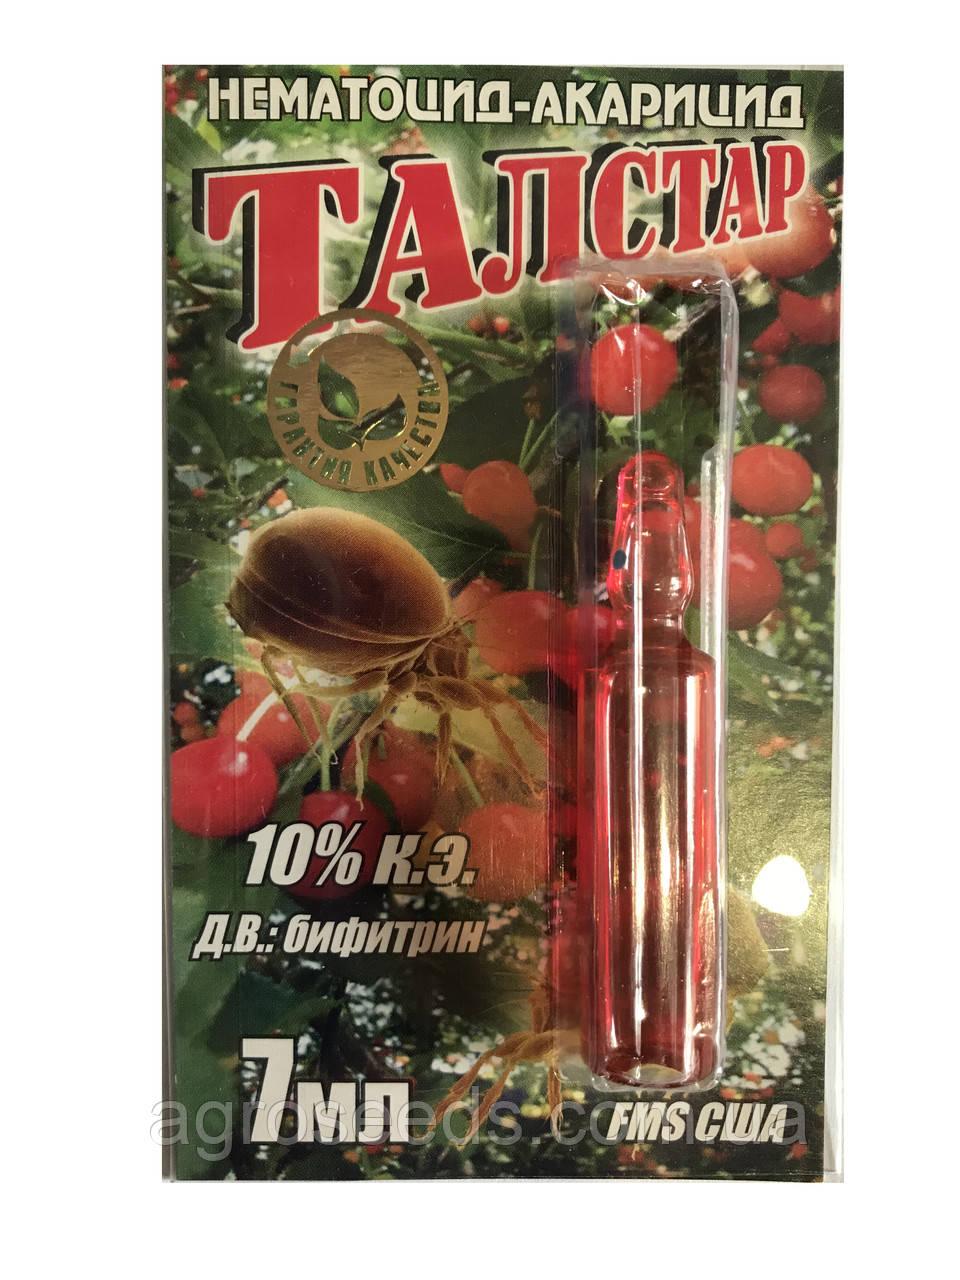 Инсектицид Талстар 7 мл